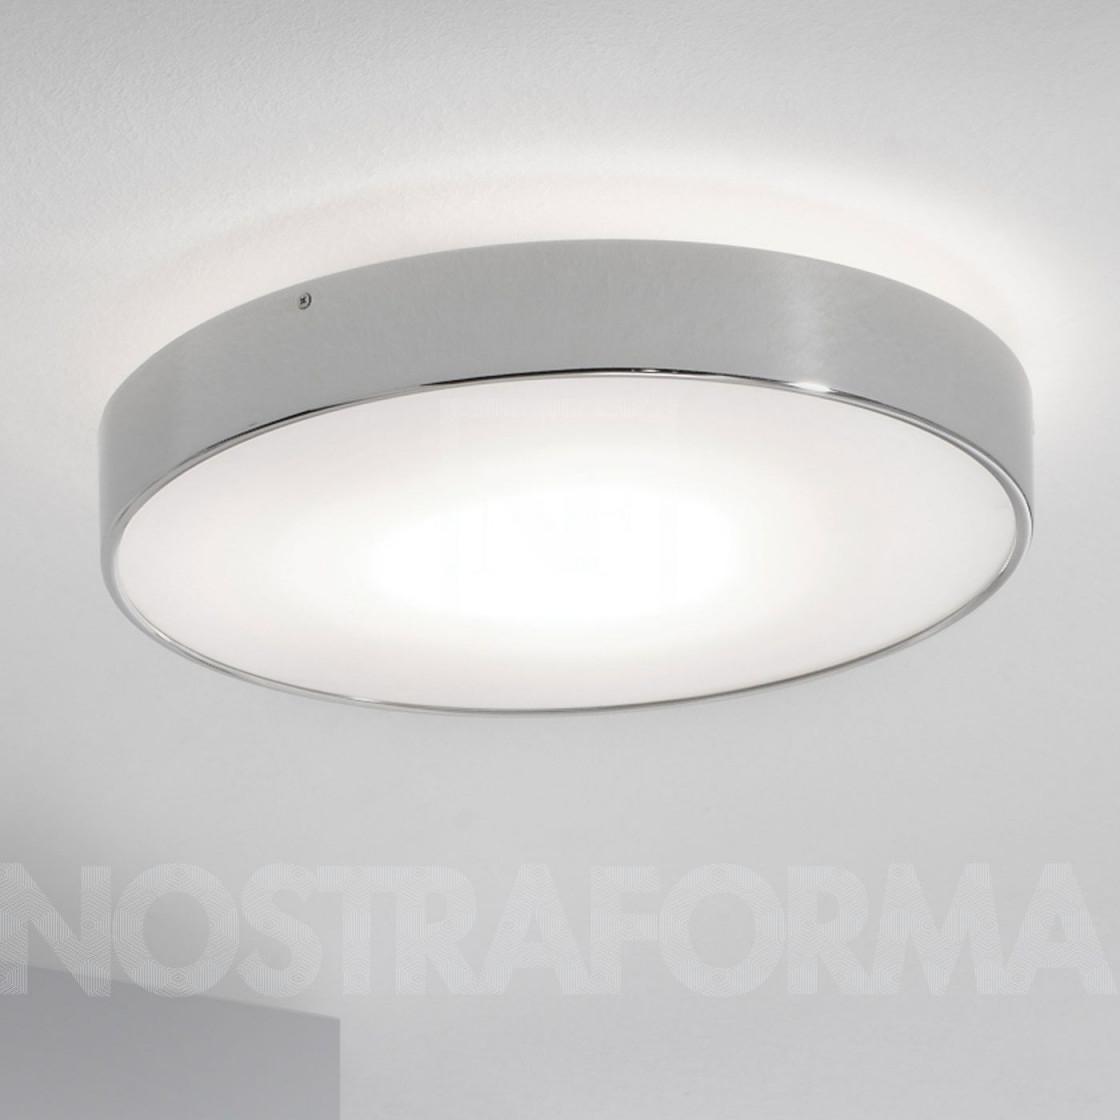 Milan Inoxx Deckenleuchte Groß  Design Lampen Beleuchtung von Deckenlampe Wohnzimmer Groß Photo